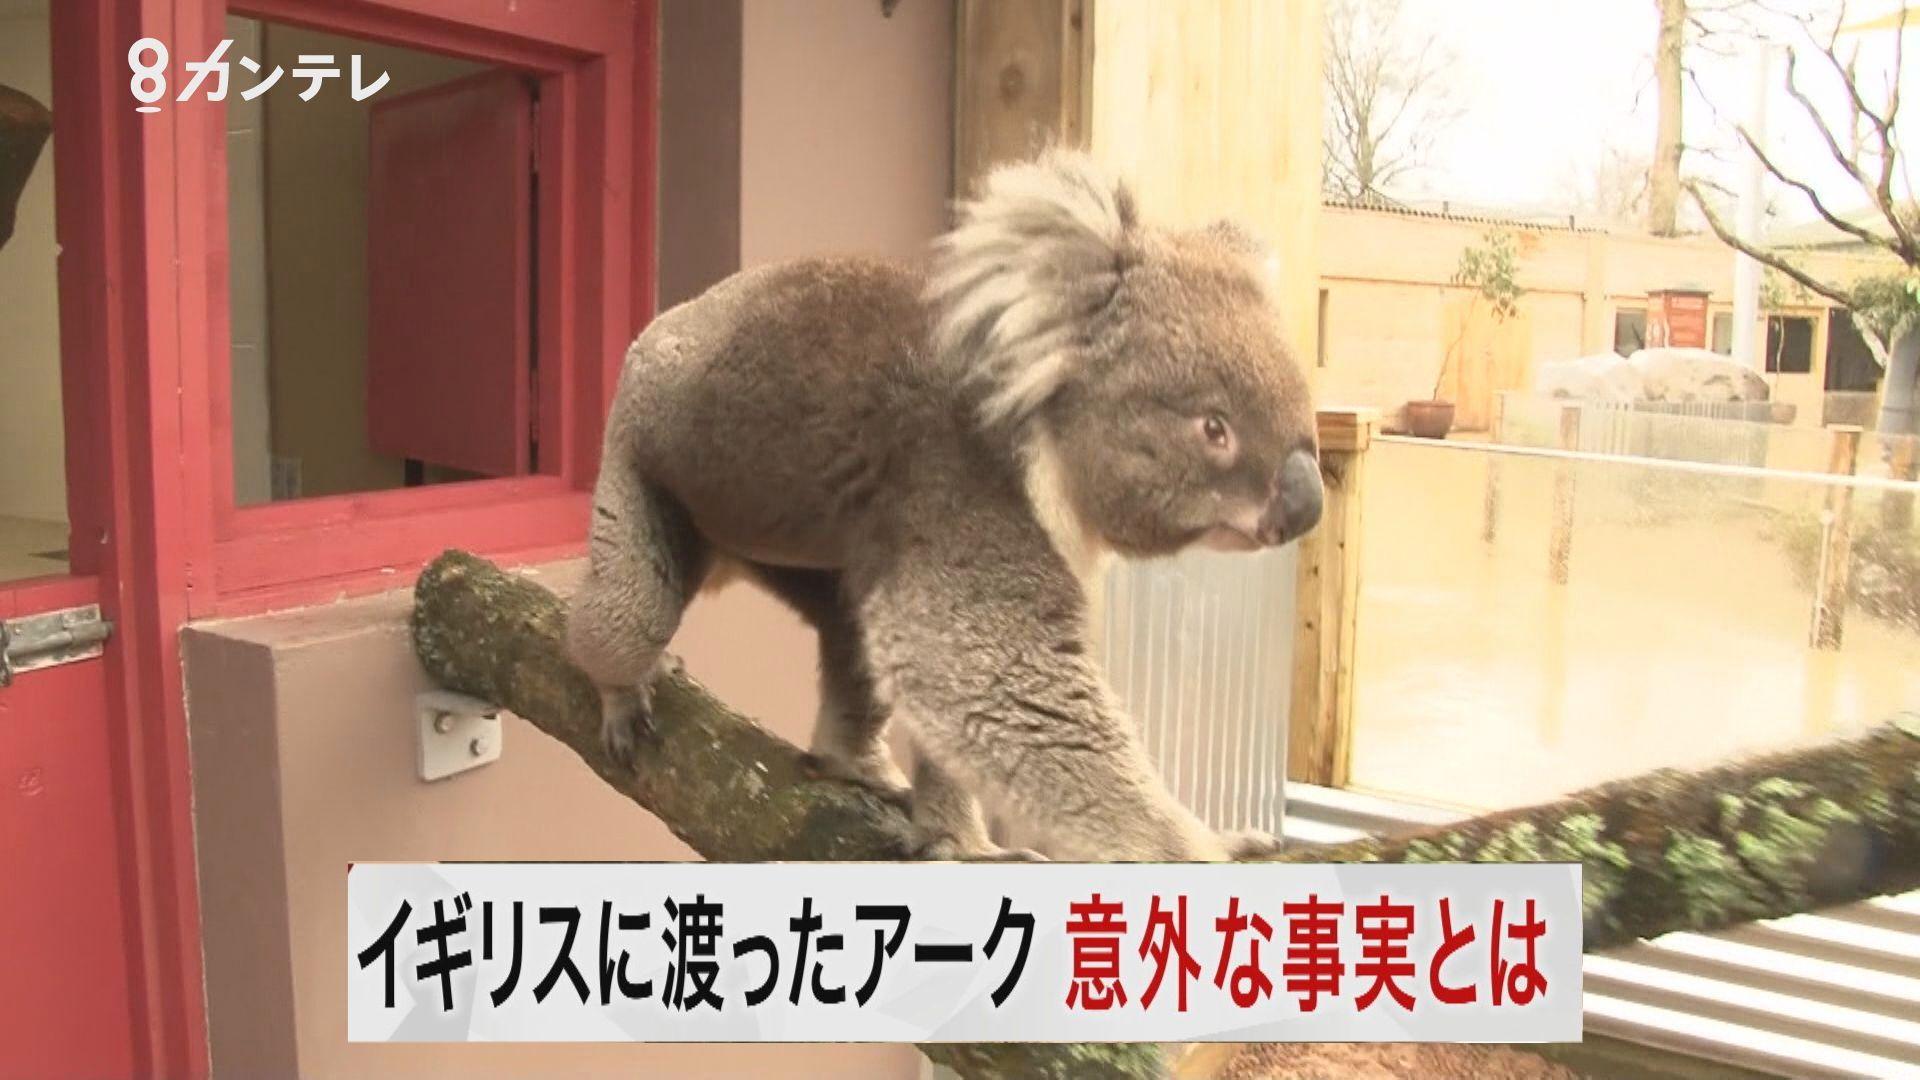 【特集】大阪唯一のコアラだった「アーク」、イギリスに渡り…まさかの改名?お嫁さん候補も3頭!現地をツイセキ取材!